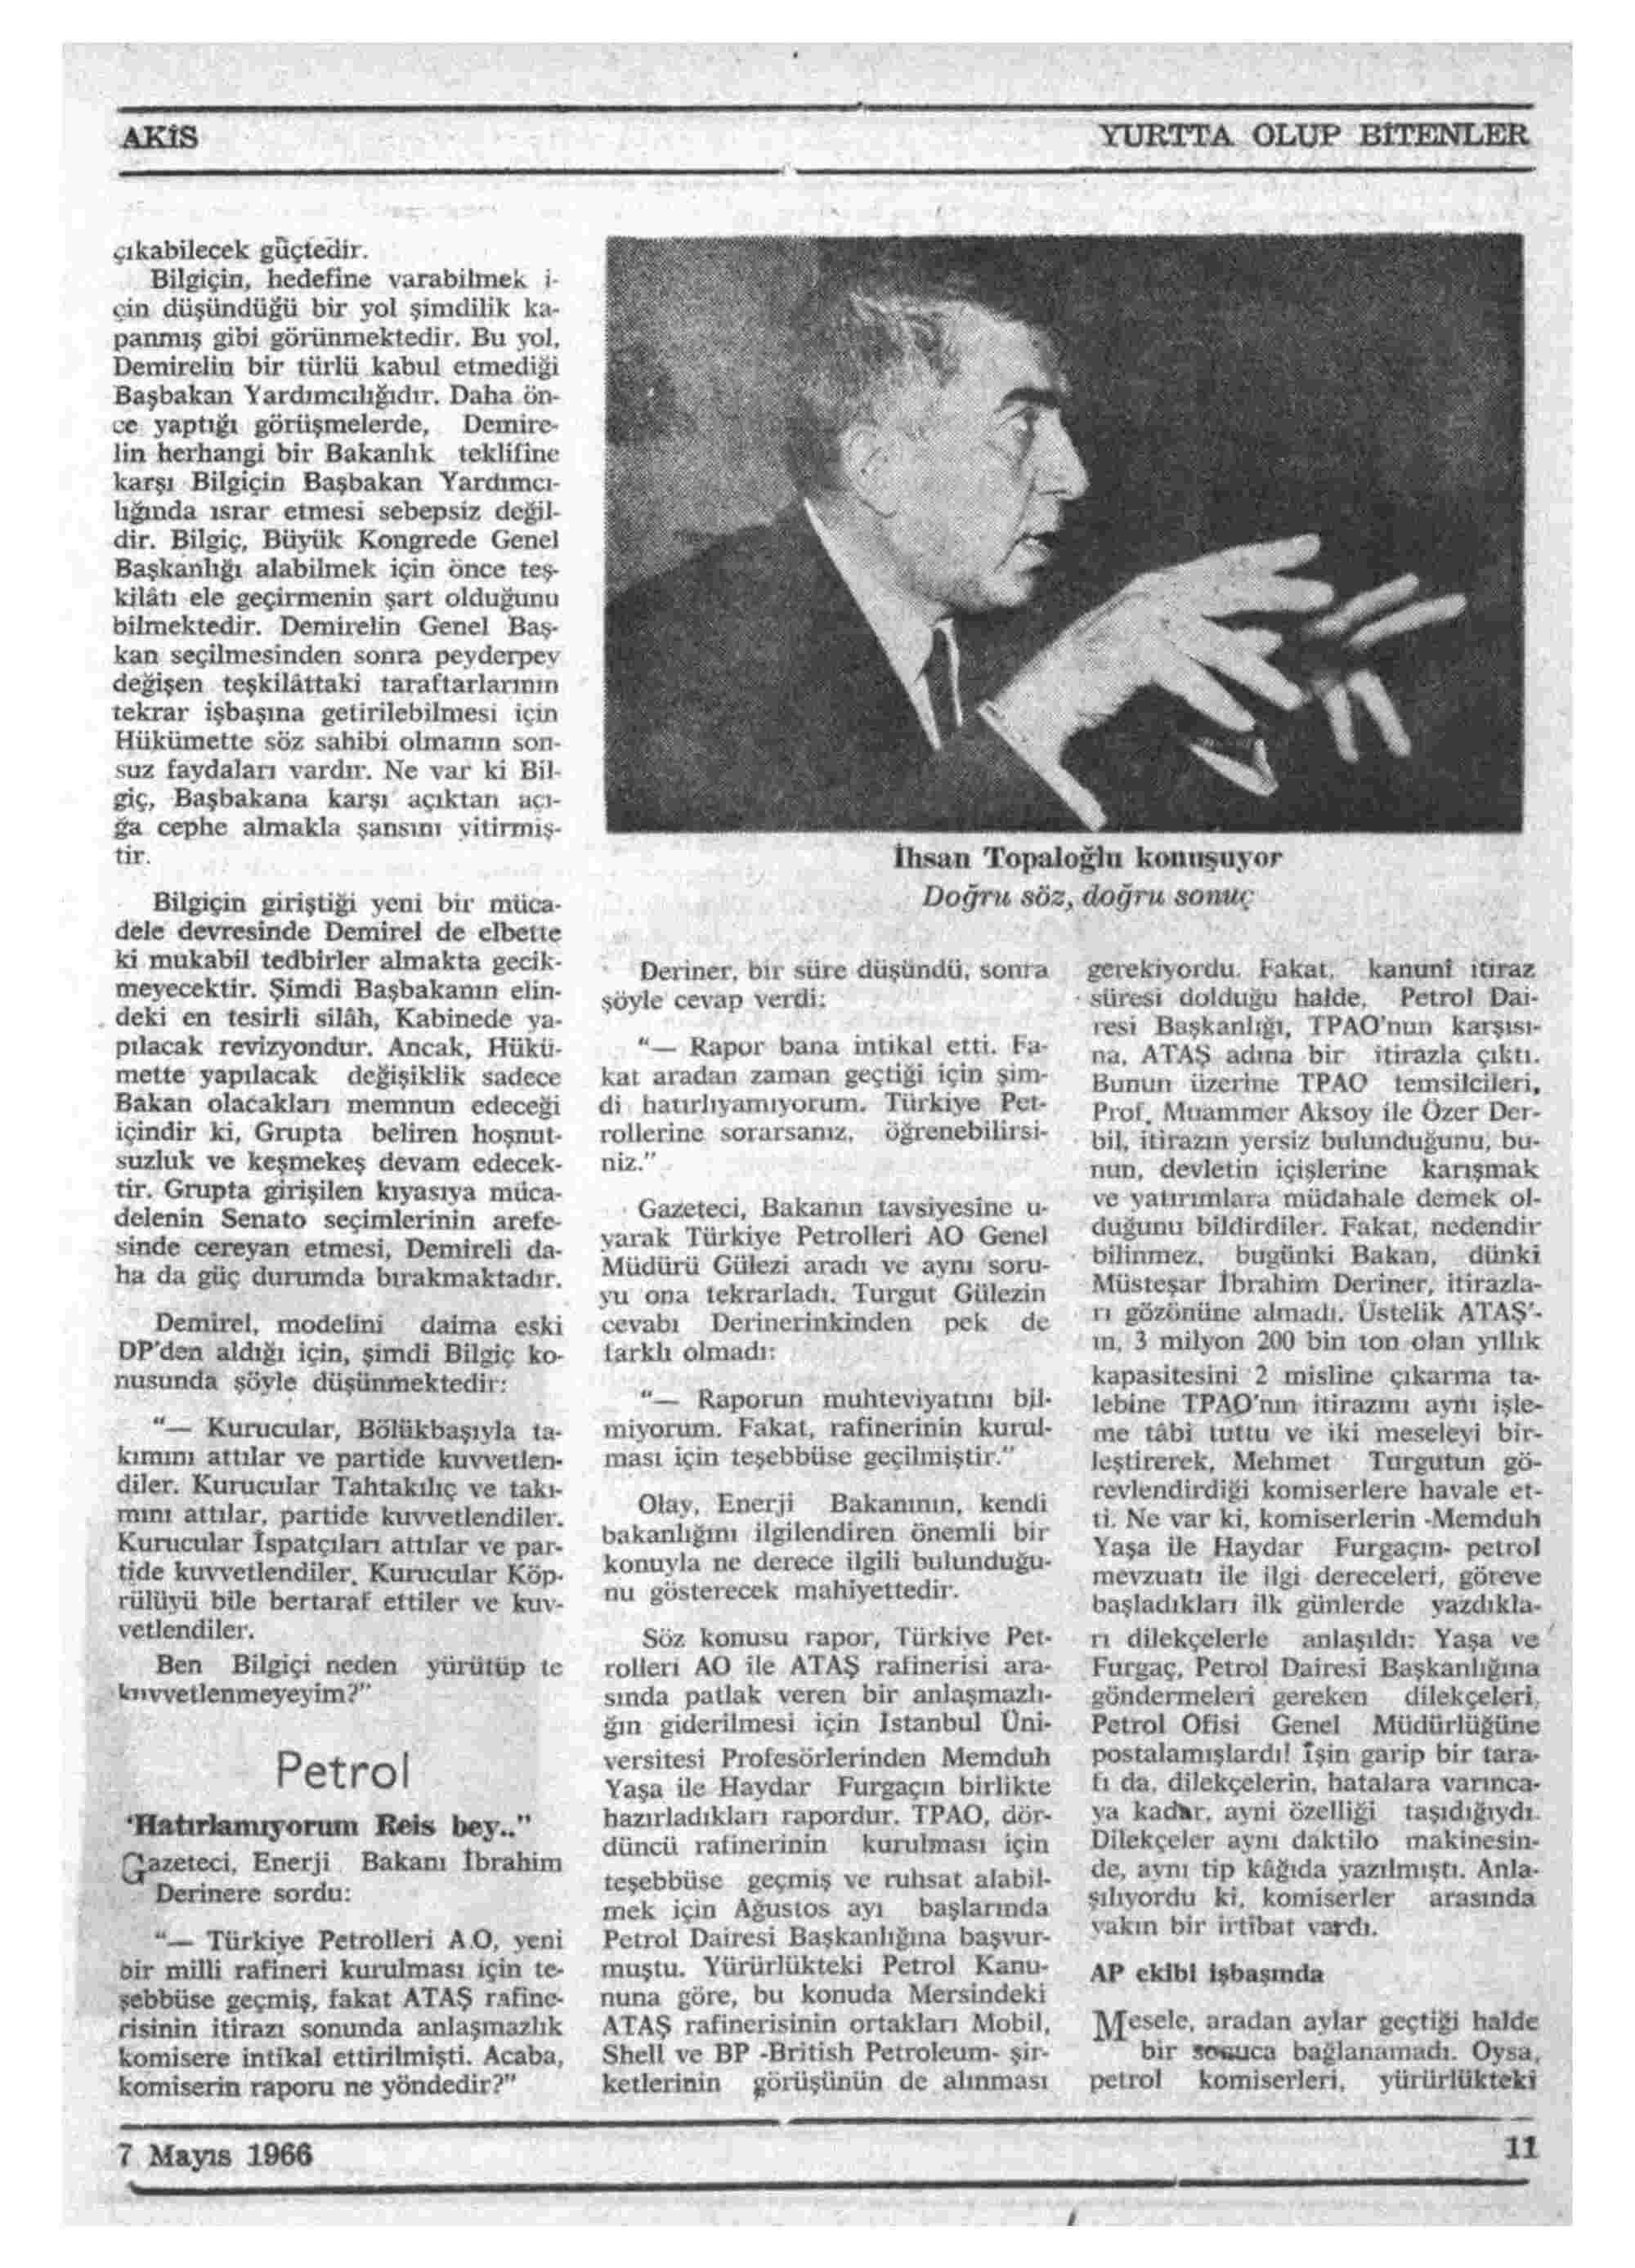 7 Mayıs 1966 Tarihli Akis Dergisi Sayfa 11